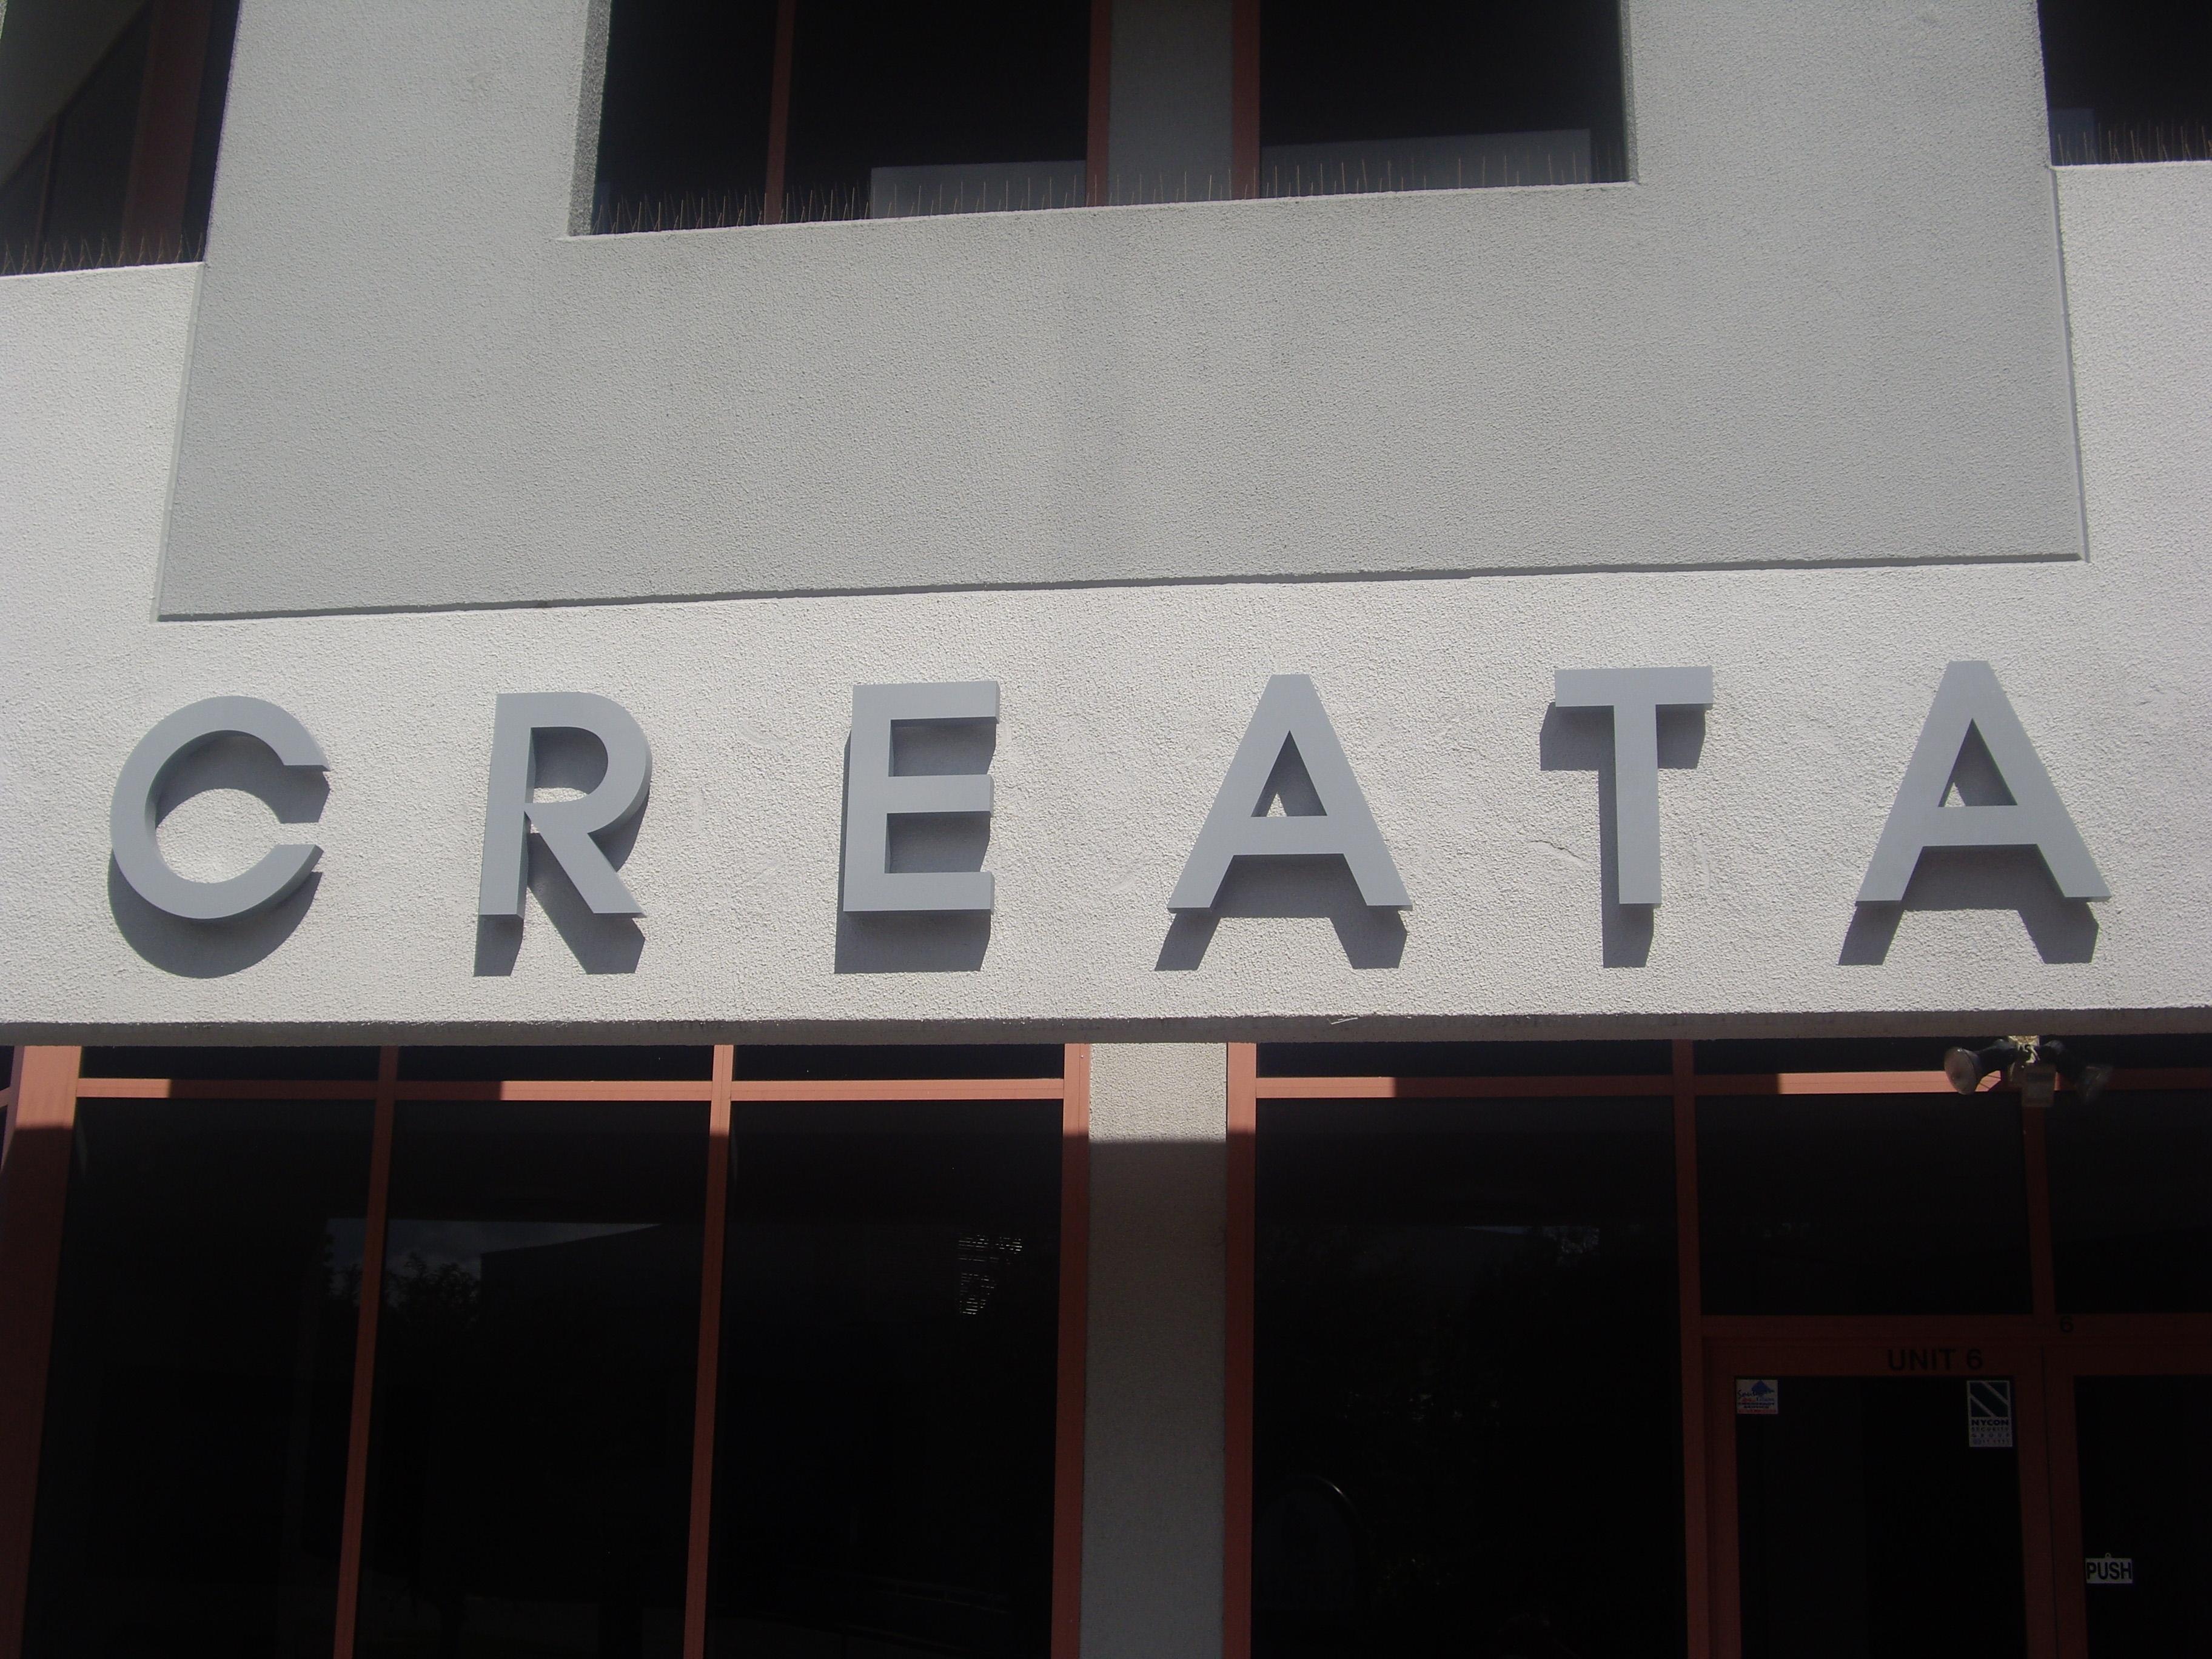 Creata 3D letters